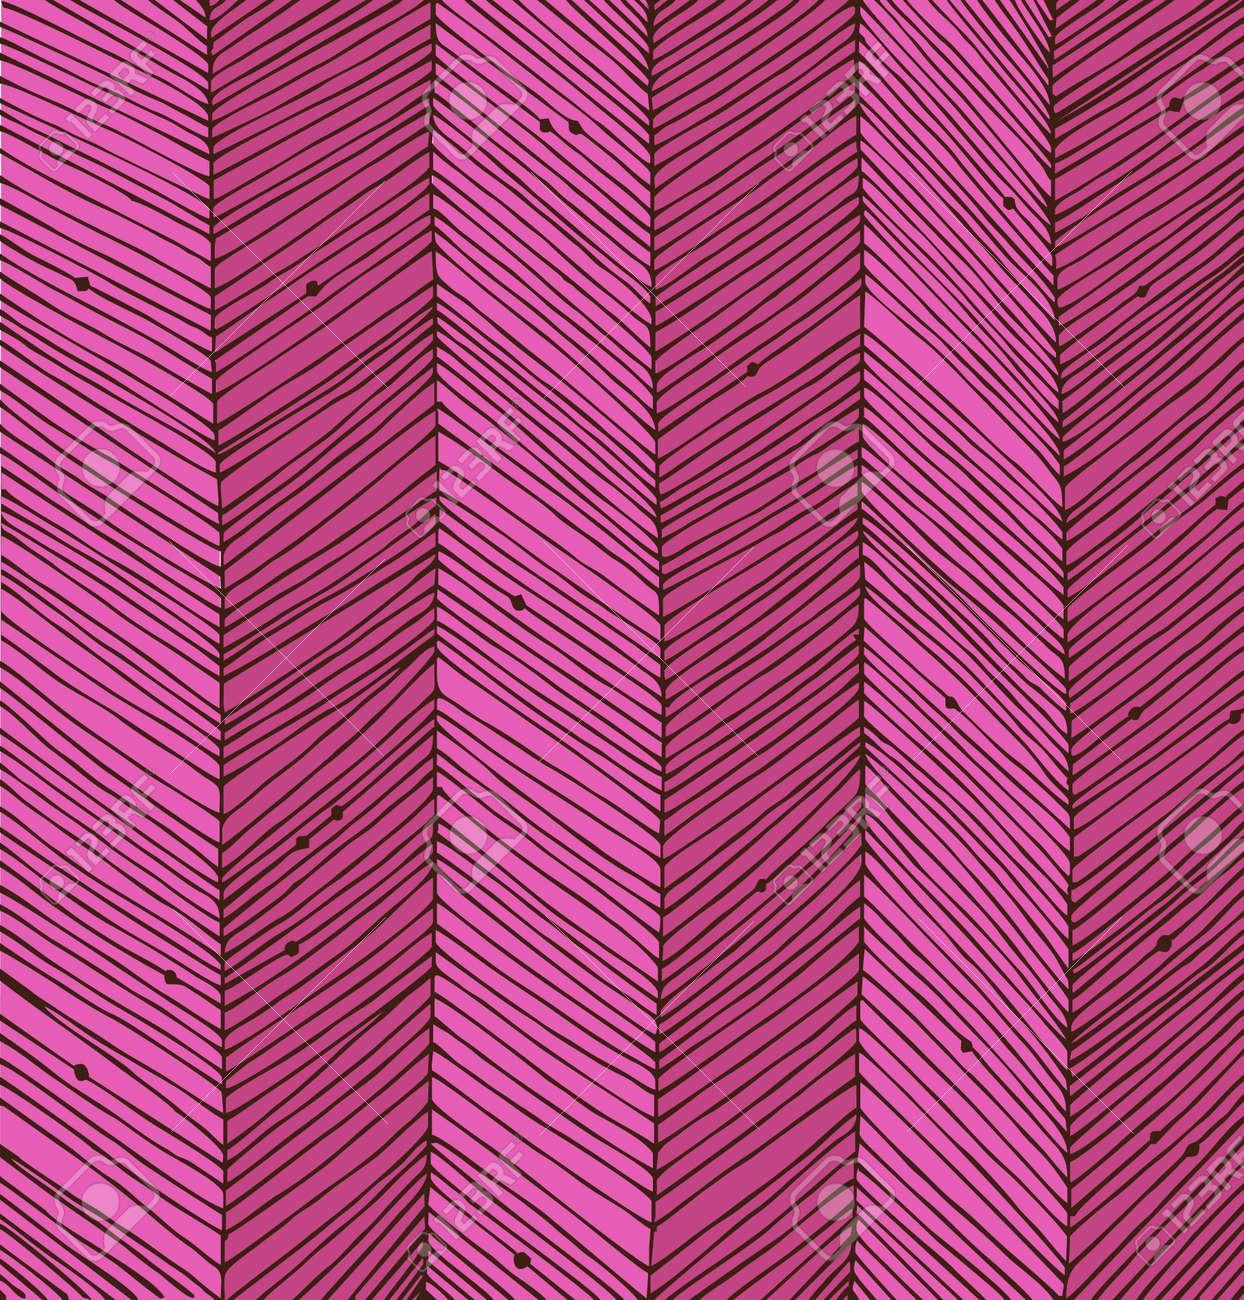 縦線ピンクの壁紙 カード 芸術 繊維のテクスチャ背景のイラスト素材